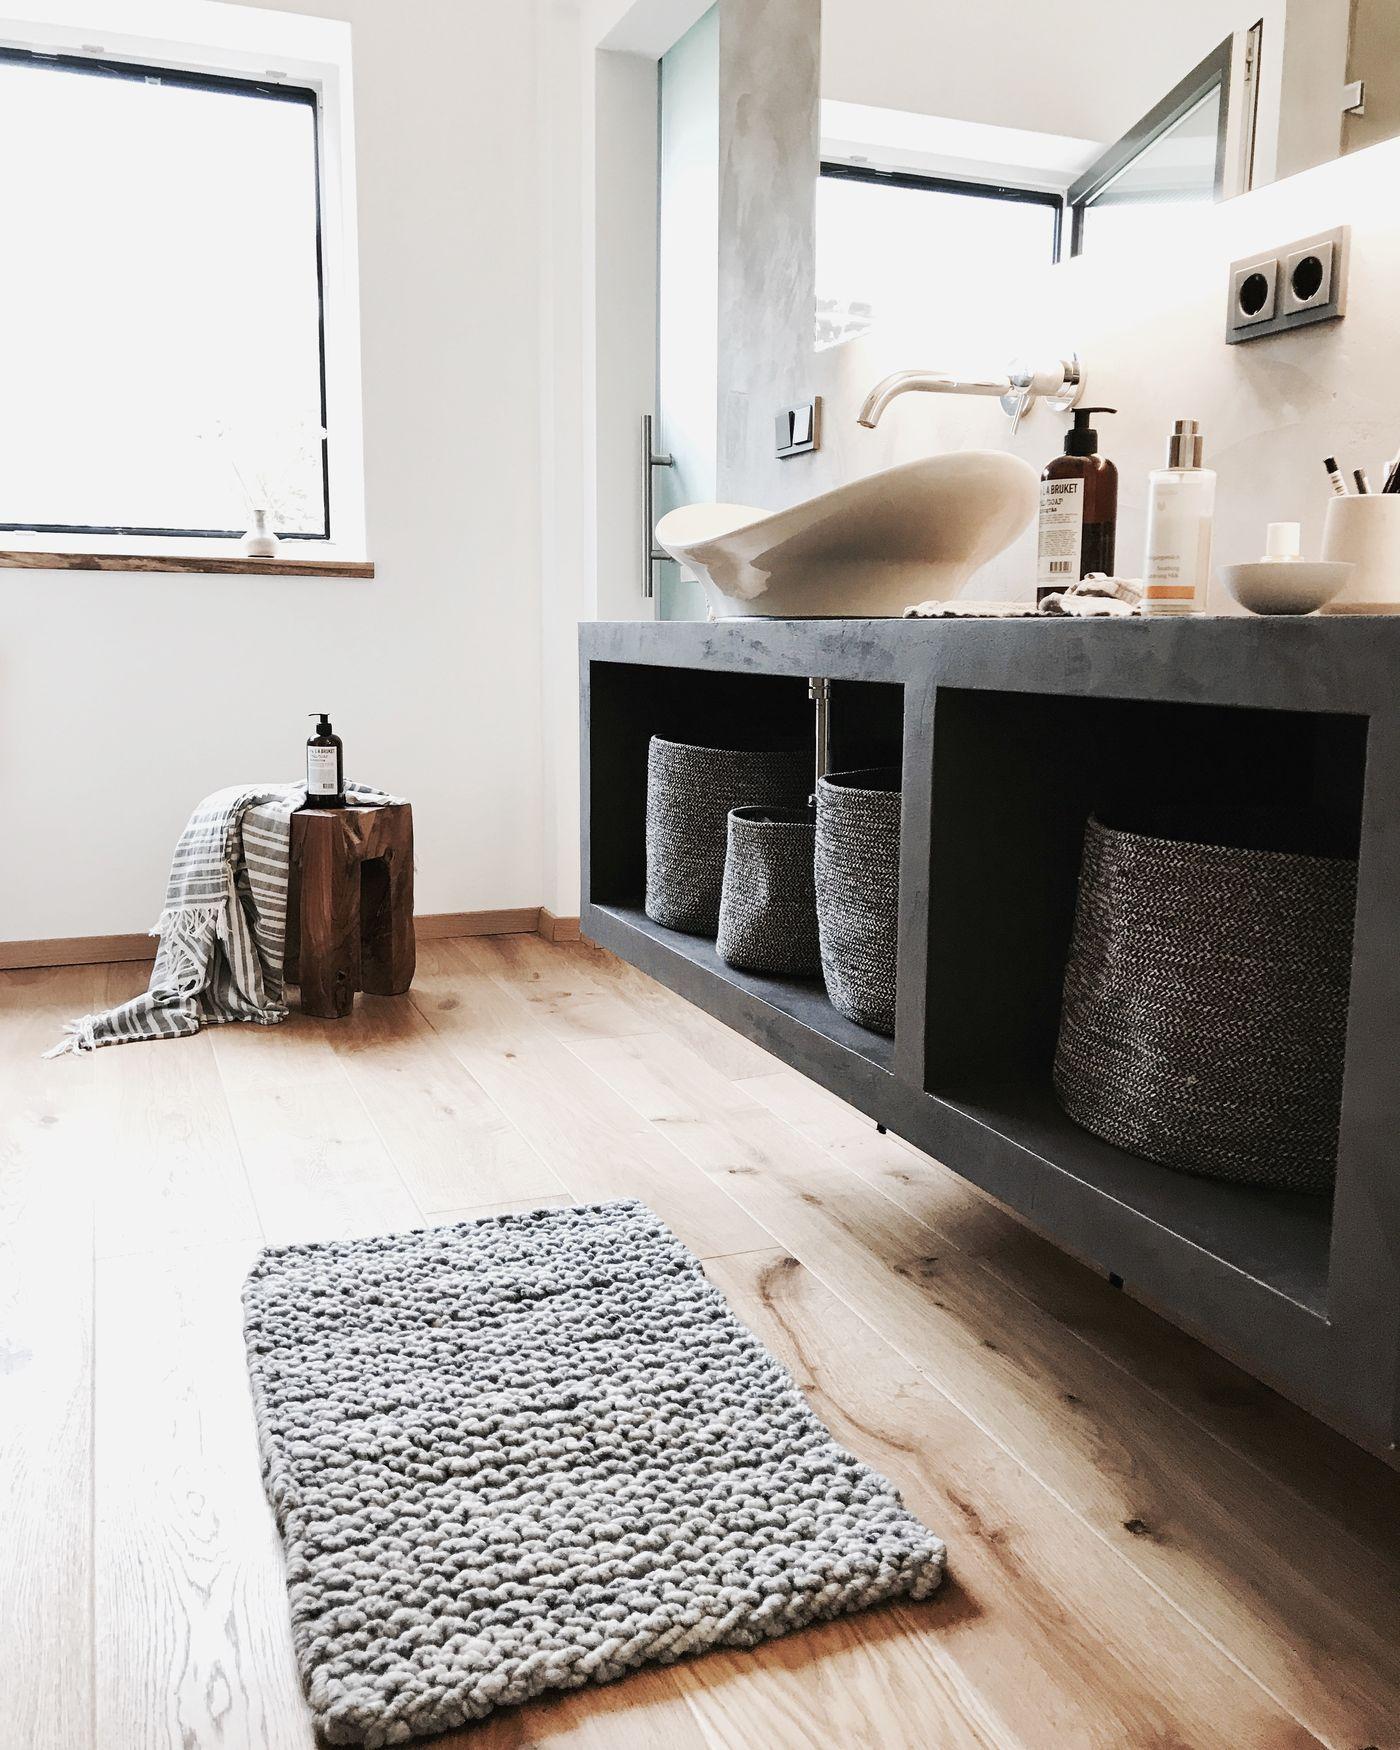 Badezimmer Deko Maritim Plus Das Beste Von Deko Ideen Bad: Wand Deko Bad Rockydurham